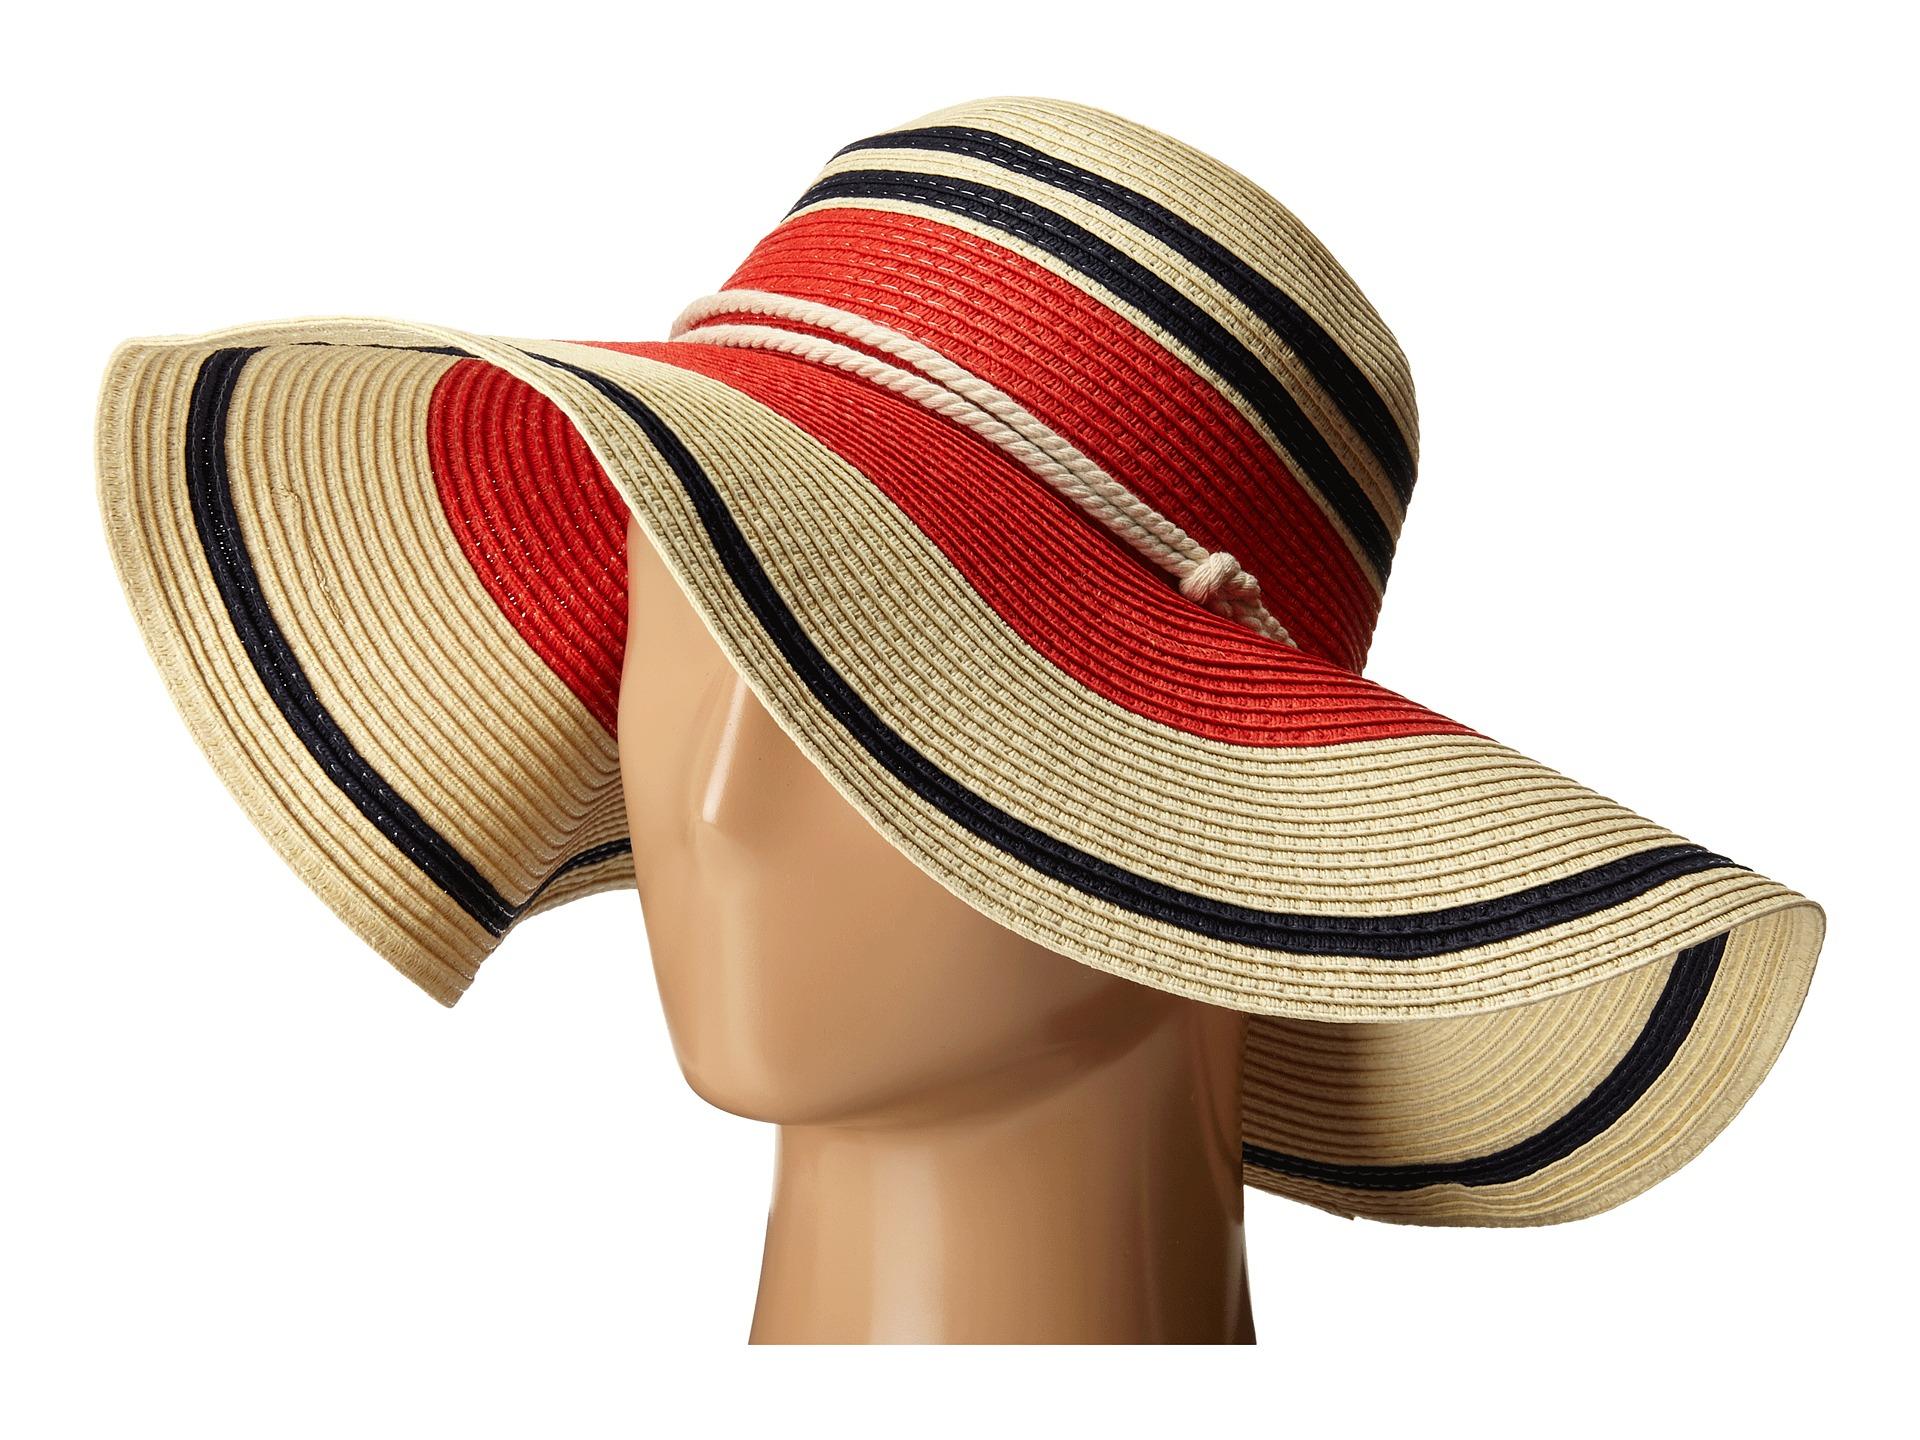 Lyst - Lauren by Ralph Lauren Paper Straw Blocked Stripe Sun Hat in Red 6044b47e15a